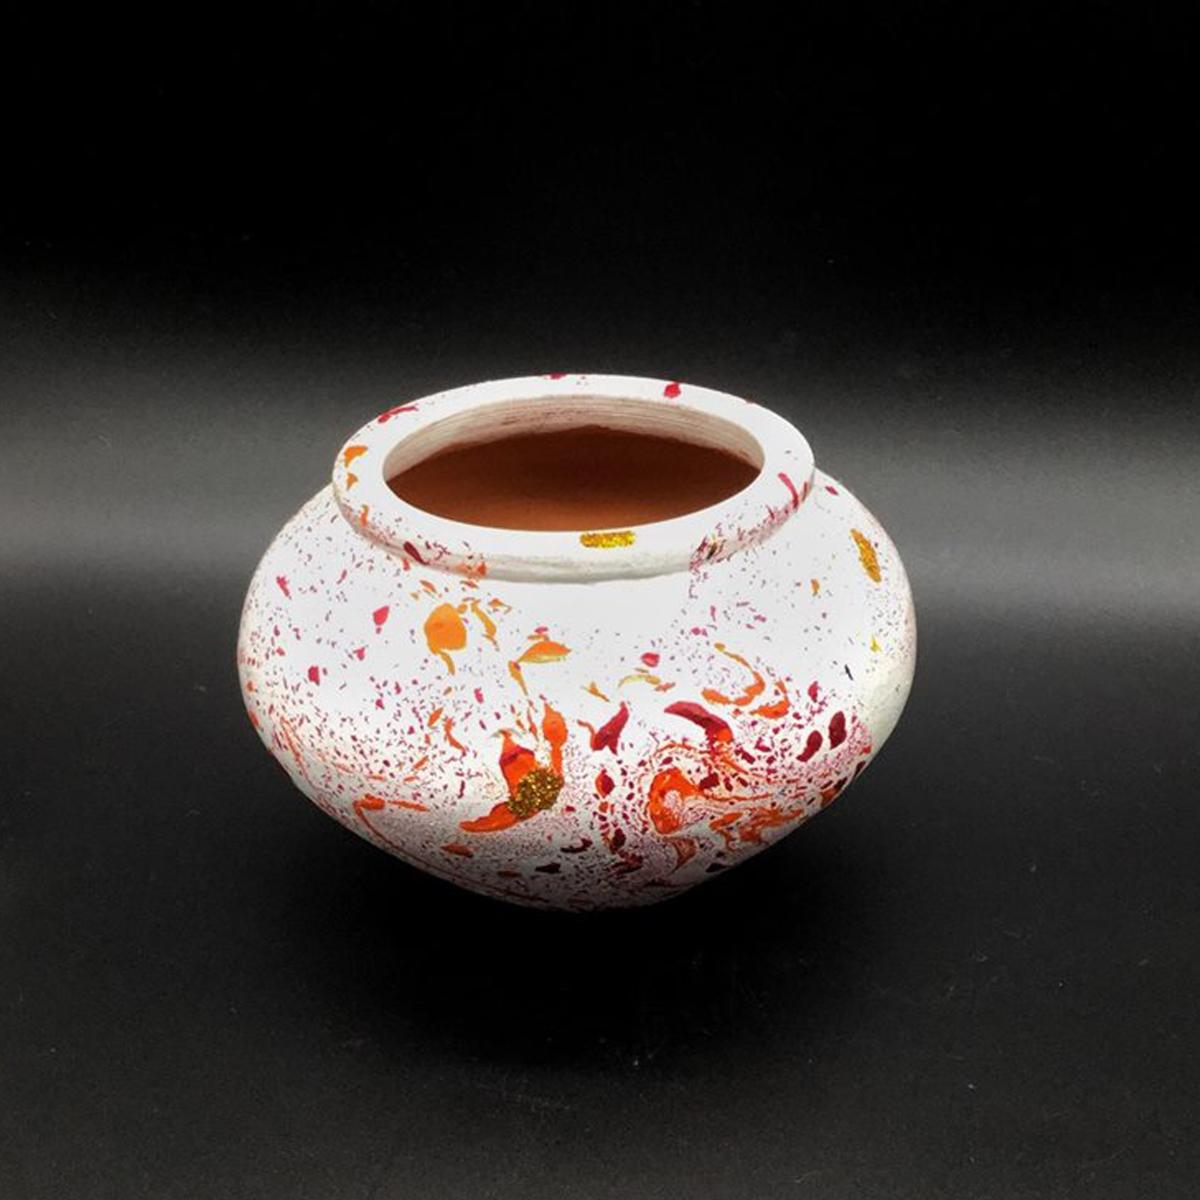 ေျမအိုးပန္းခ်ီ (Pot Painting)